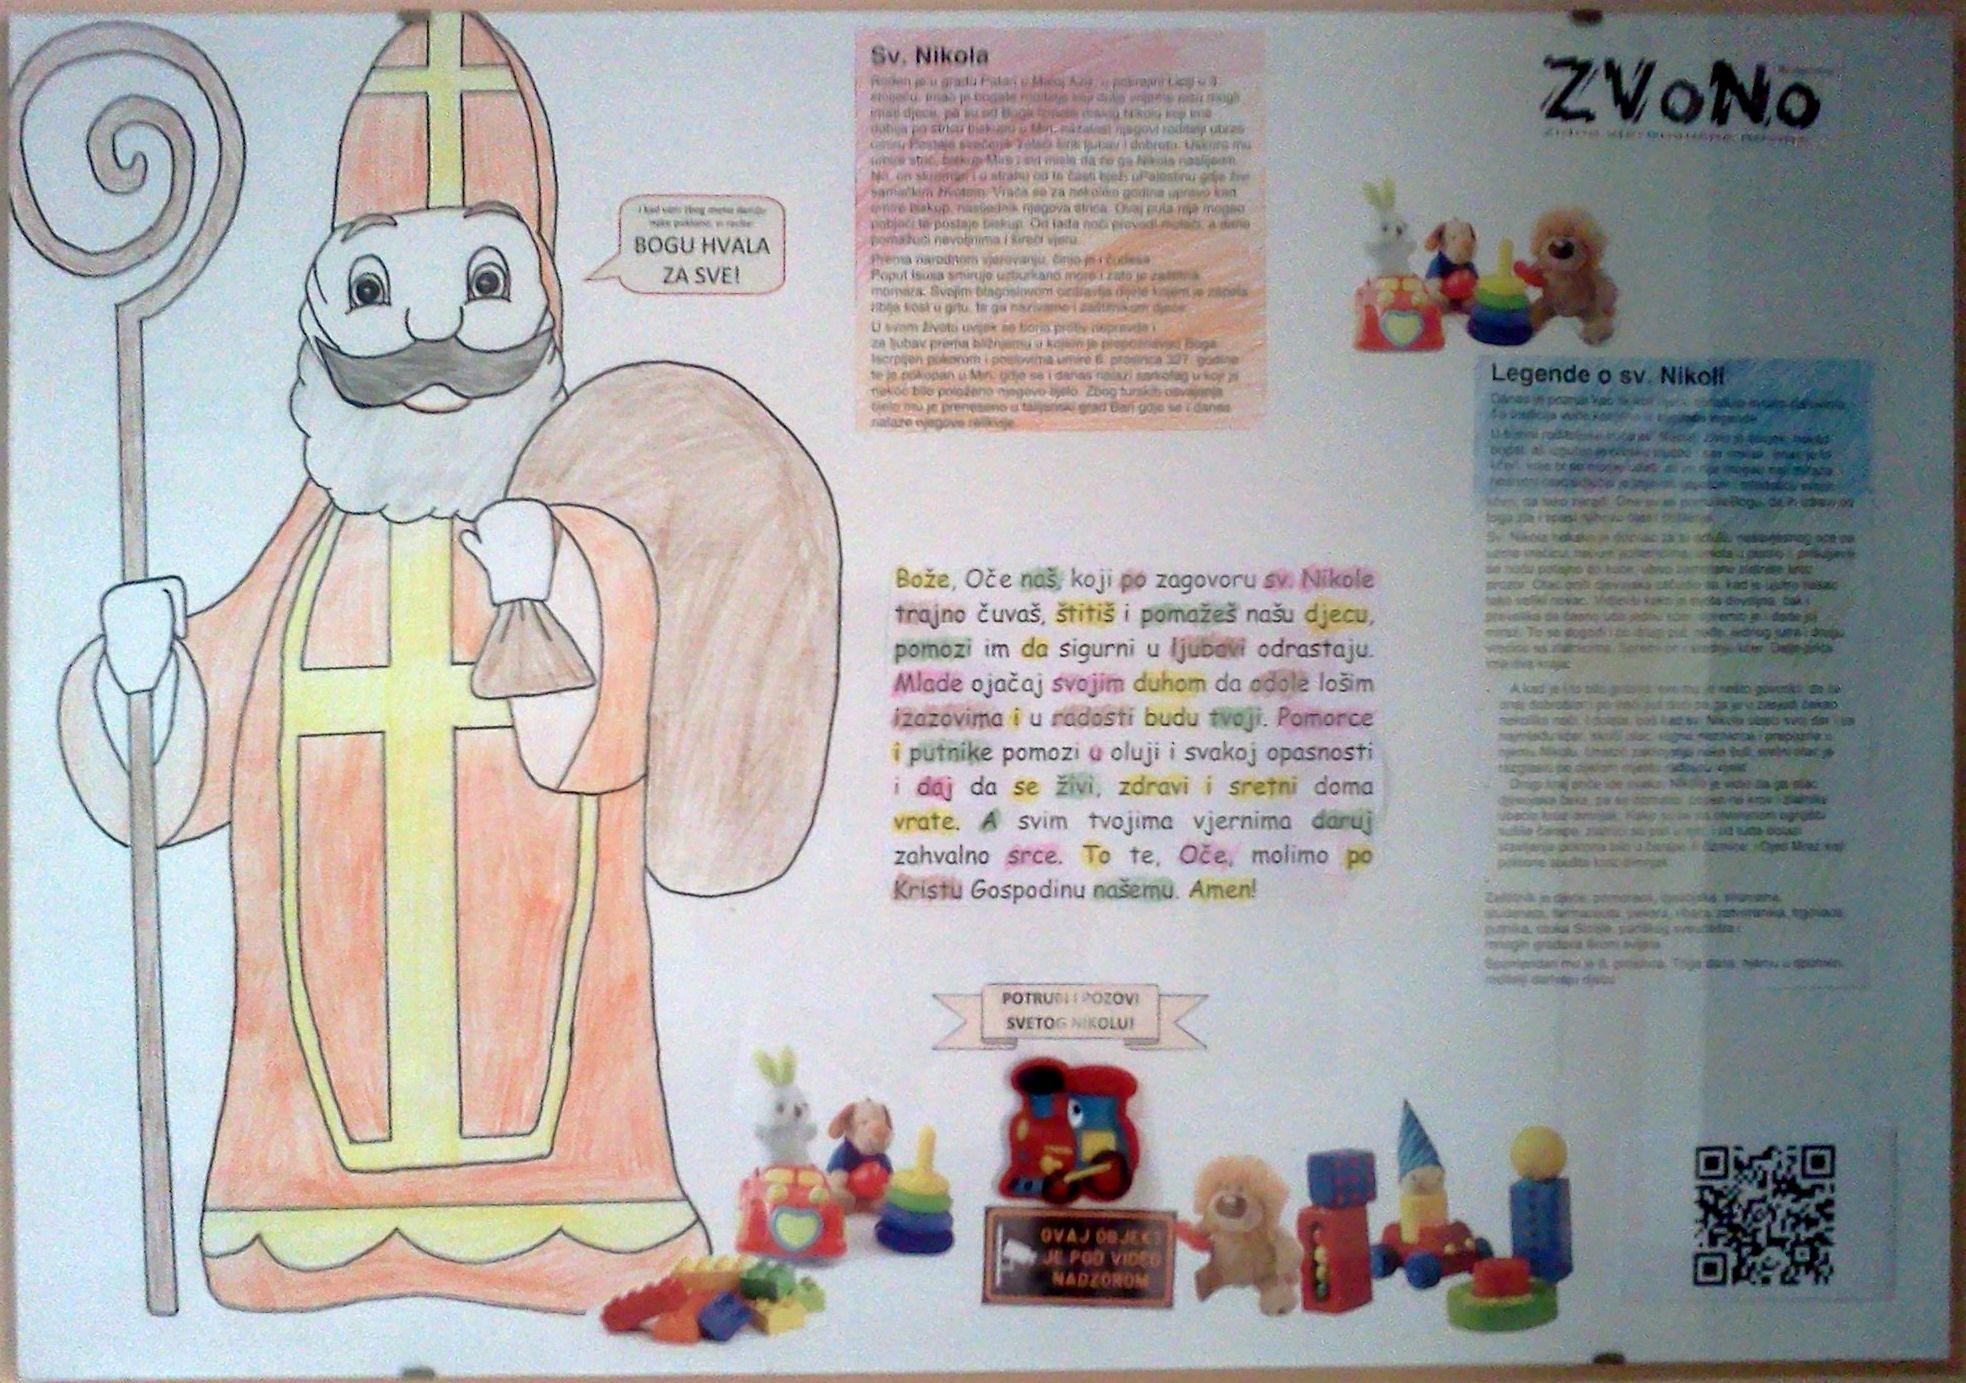 ZVONO - sv Nikola